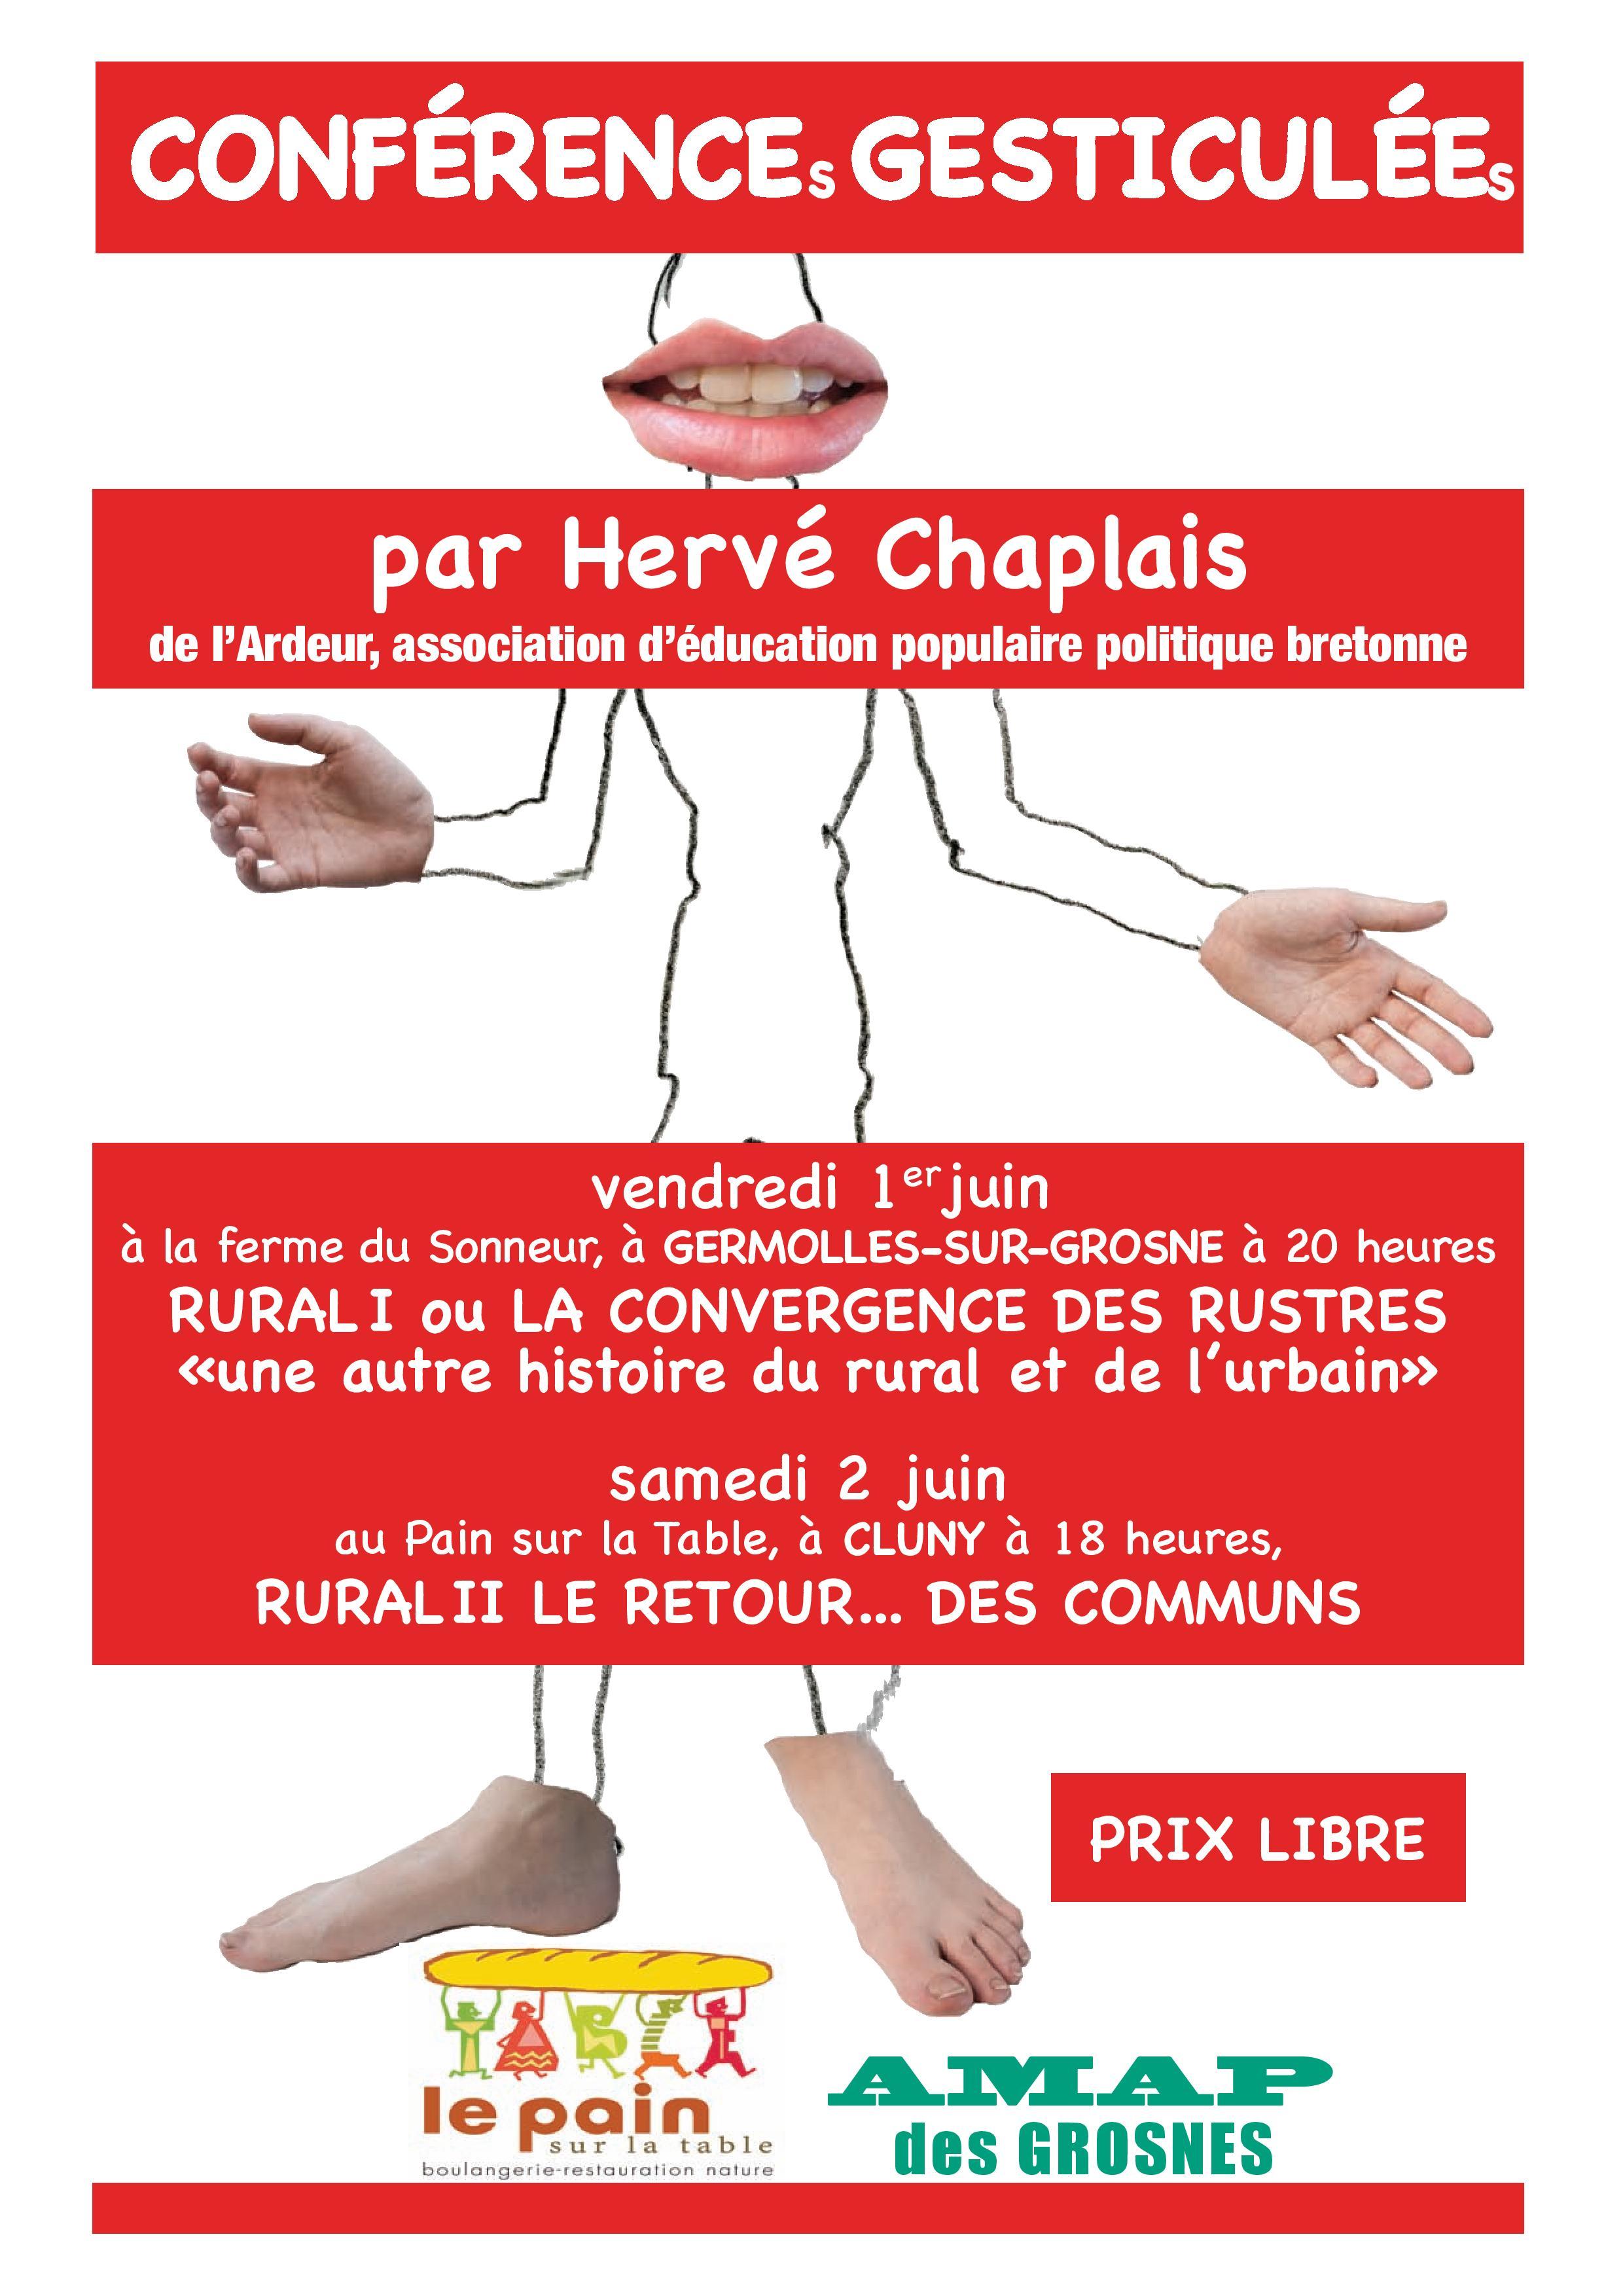 Conférence gesticulée samedi 2 juin à 18h